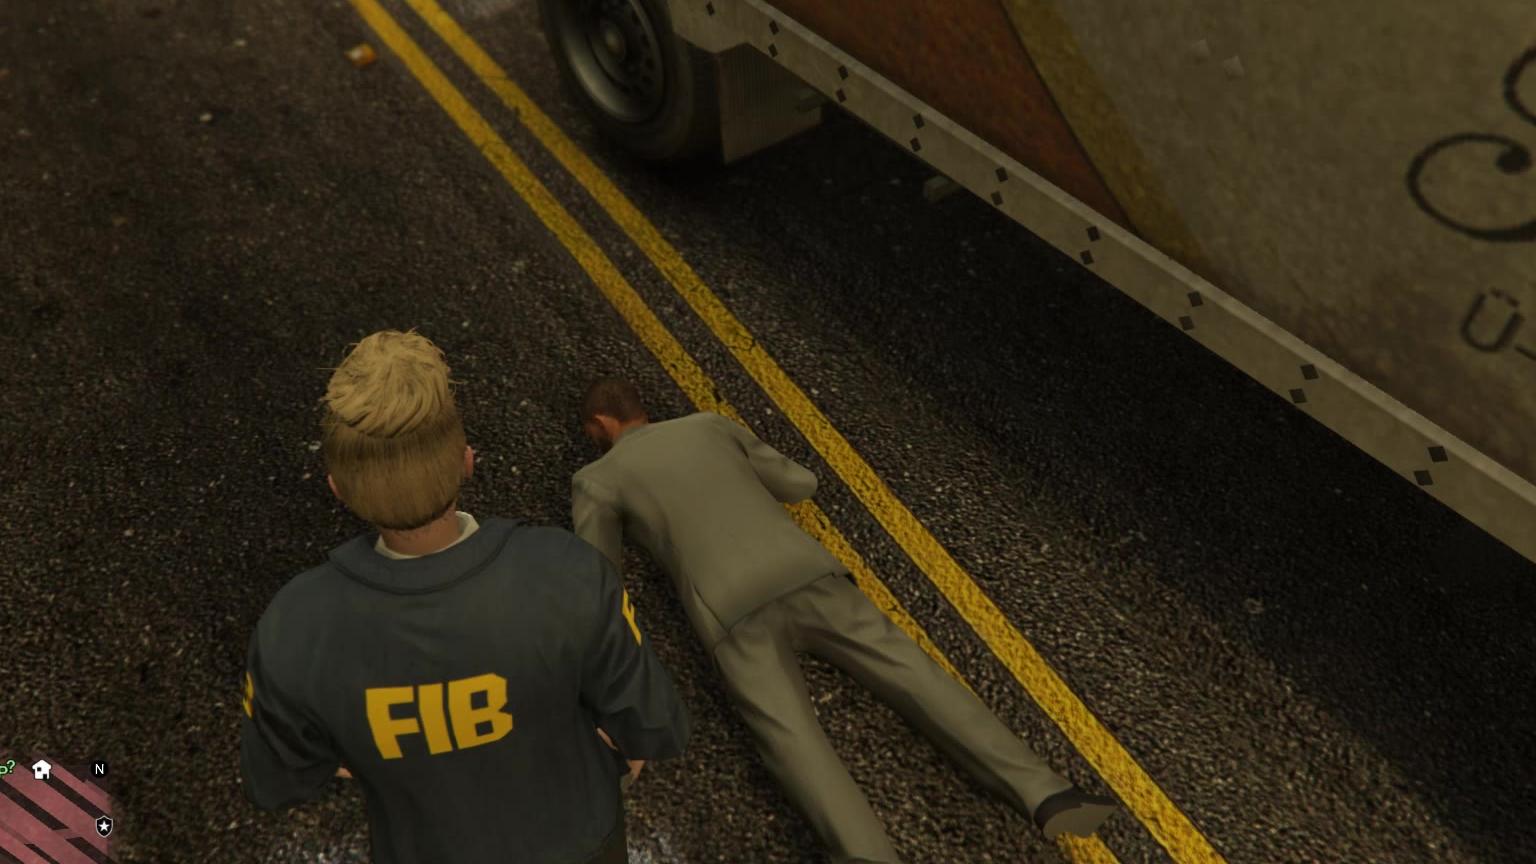 白天在LSPD 晚上再FIB